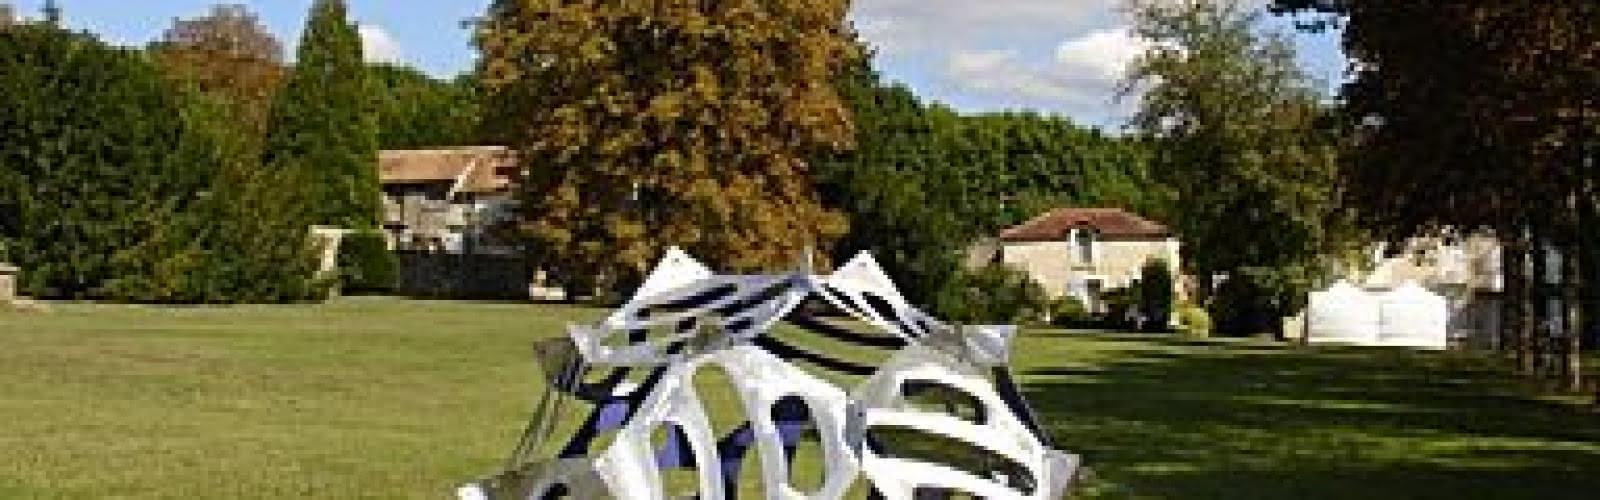 Maison et Parc Gérard Philipe